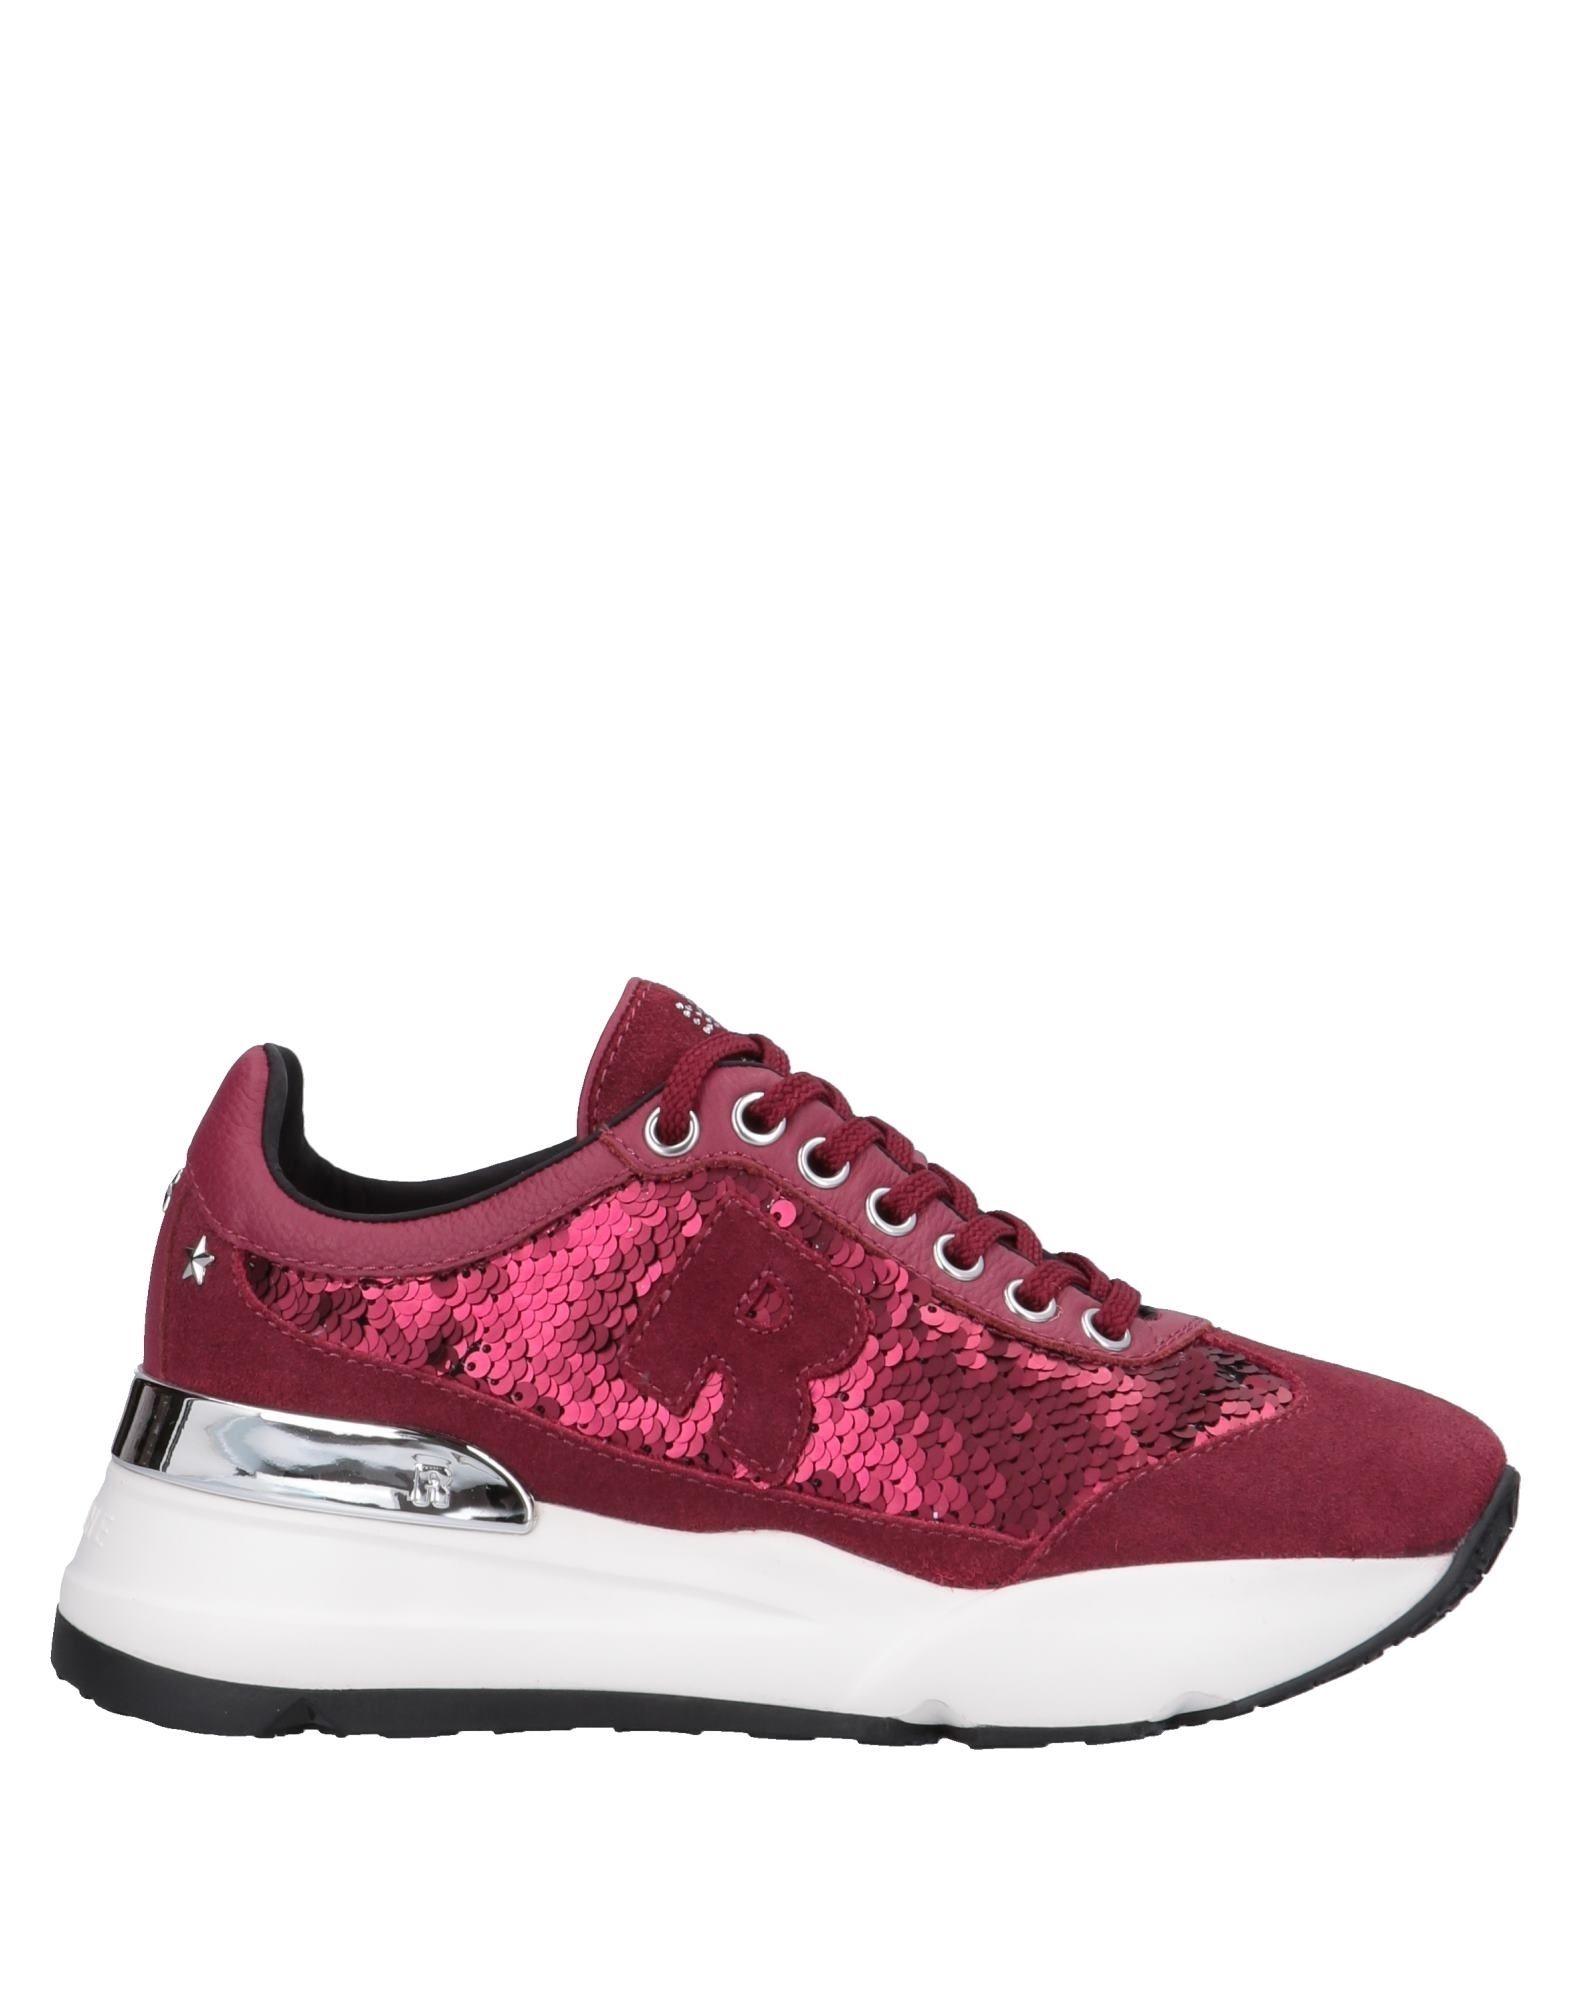 Ruco Line sich Sneakers Damen Gutes Preis-Leistungs-Verhältnis, es lohnt sich Line df2c04